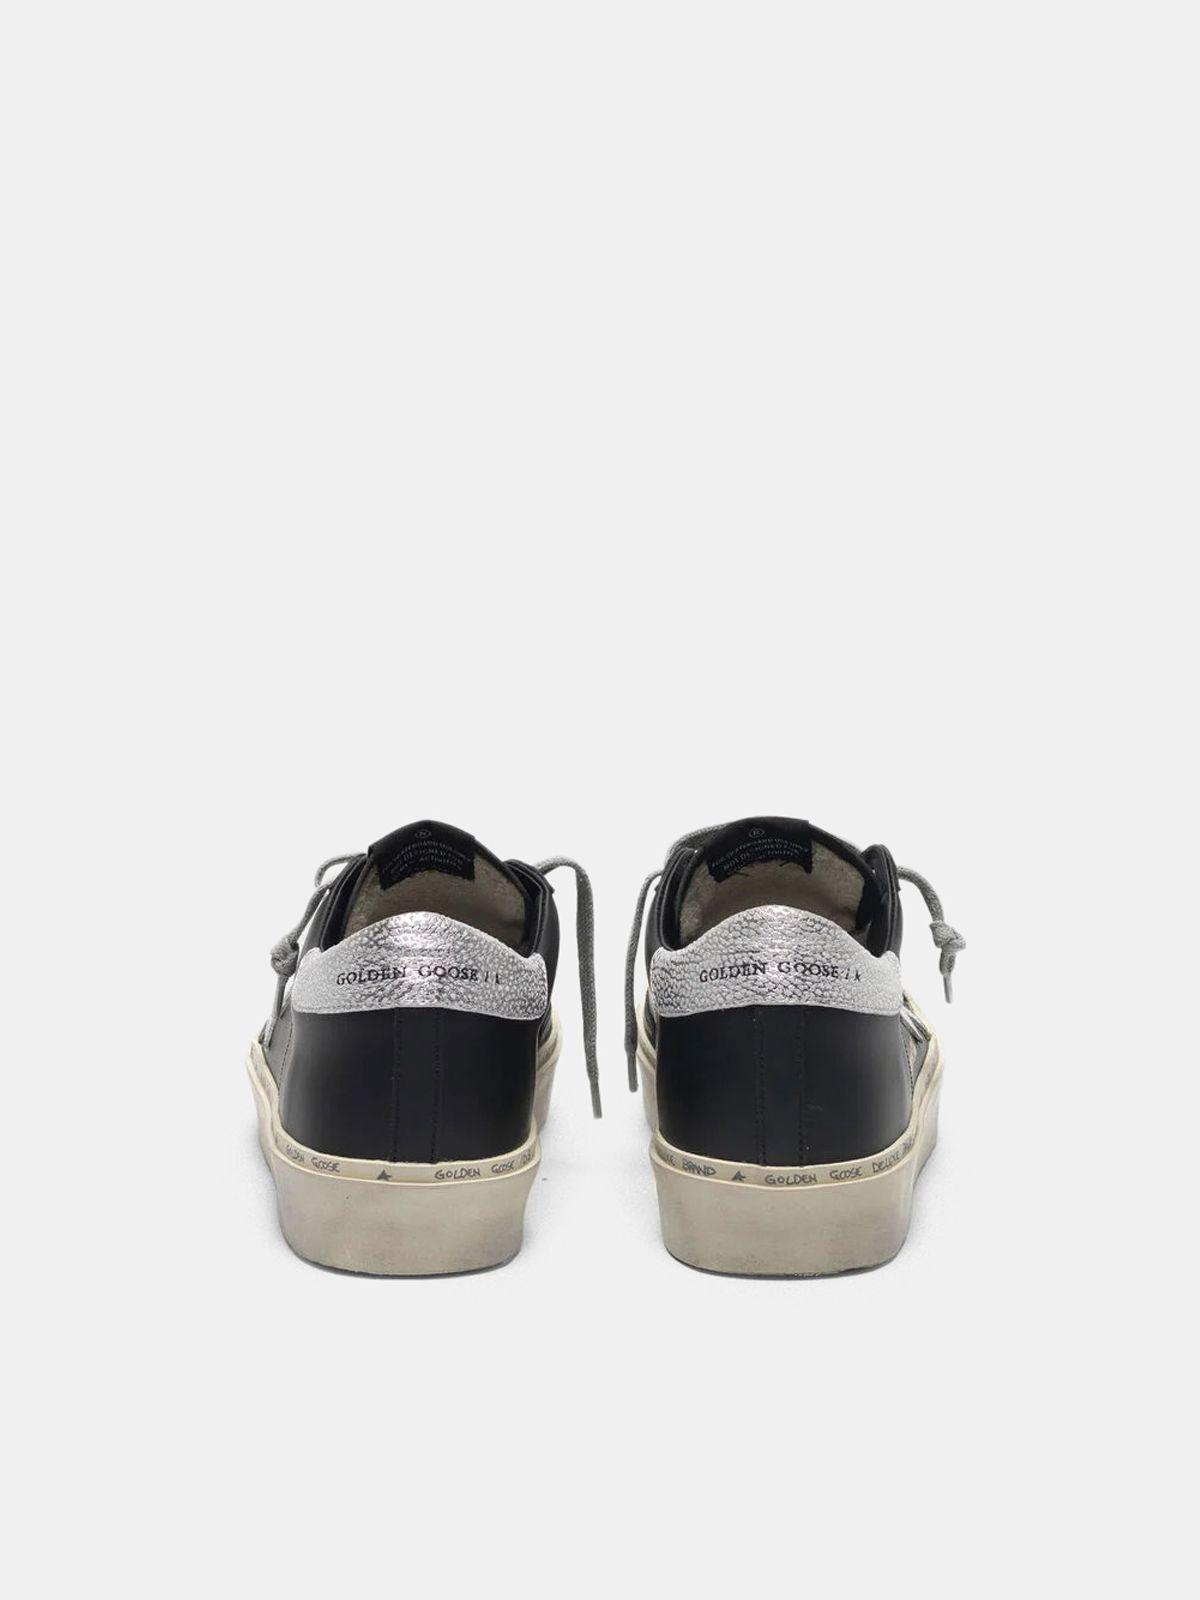 Golden Goose - Black Hi Star sneakers with metallic star in